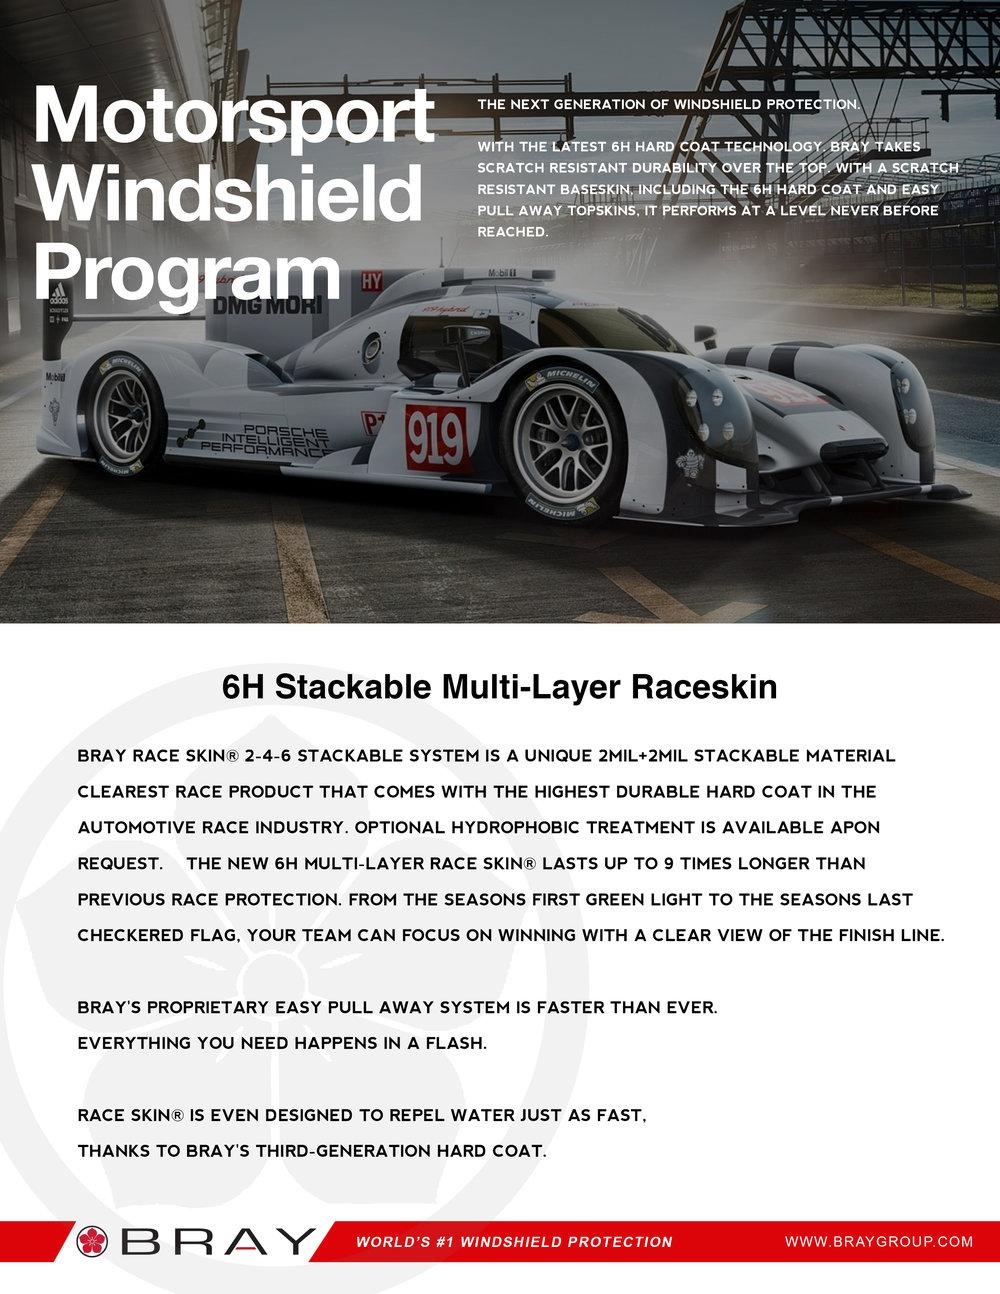 sales_sheet - Motorsport.jpg